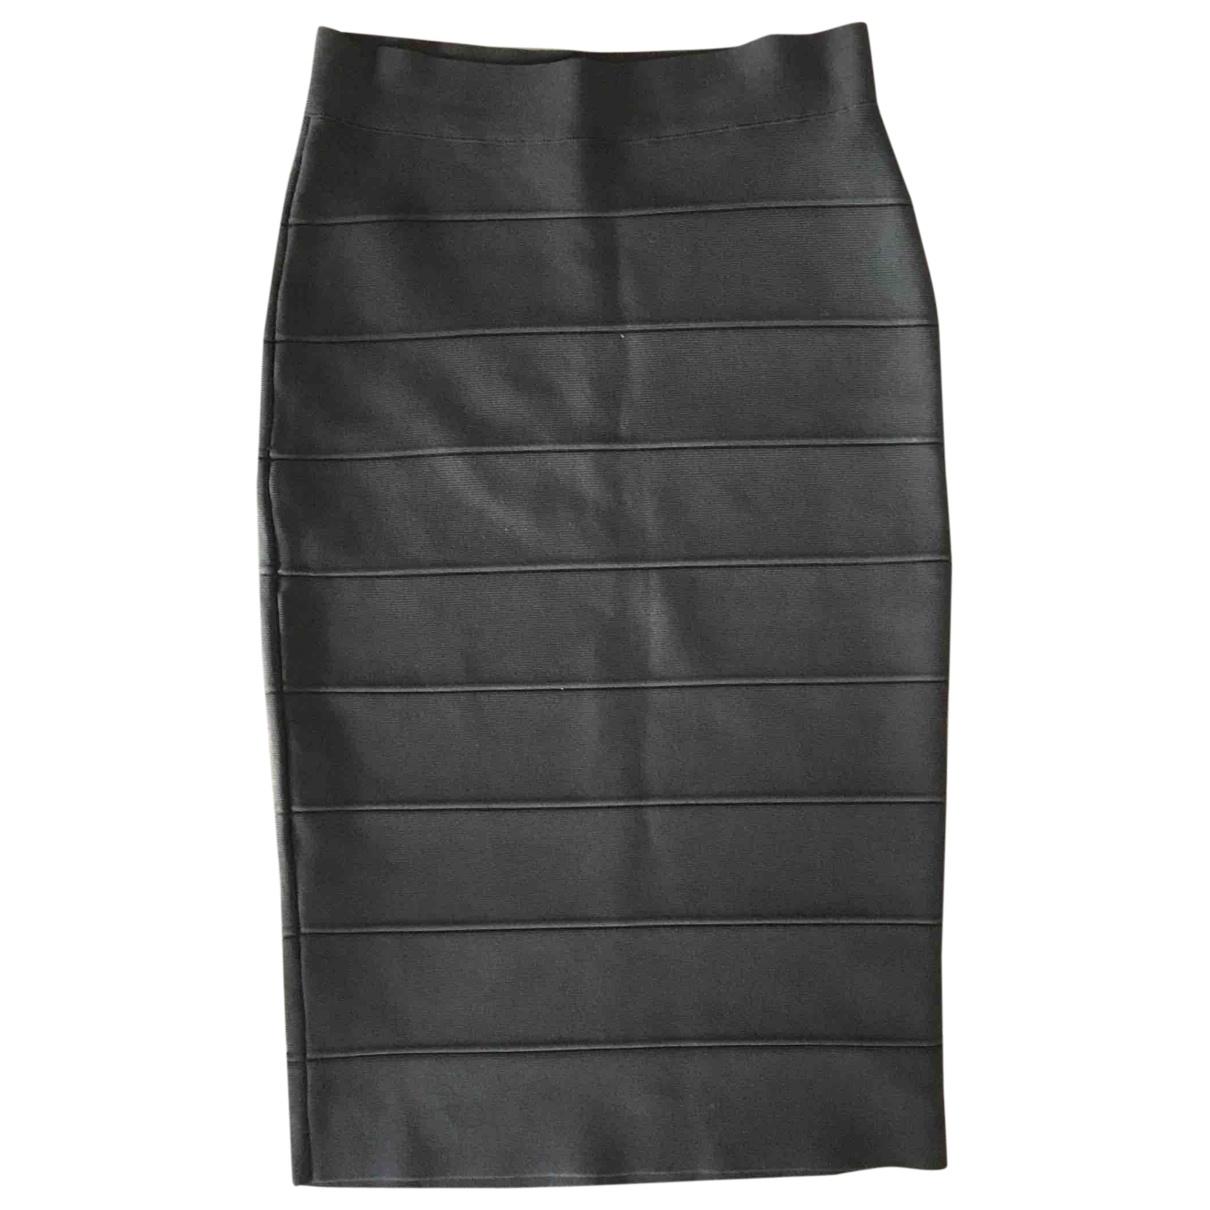 Bcbg Max Azria \N Black skirt for Women S International